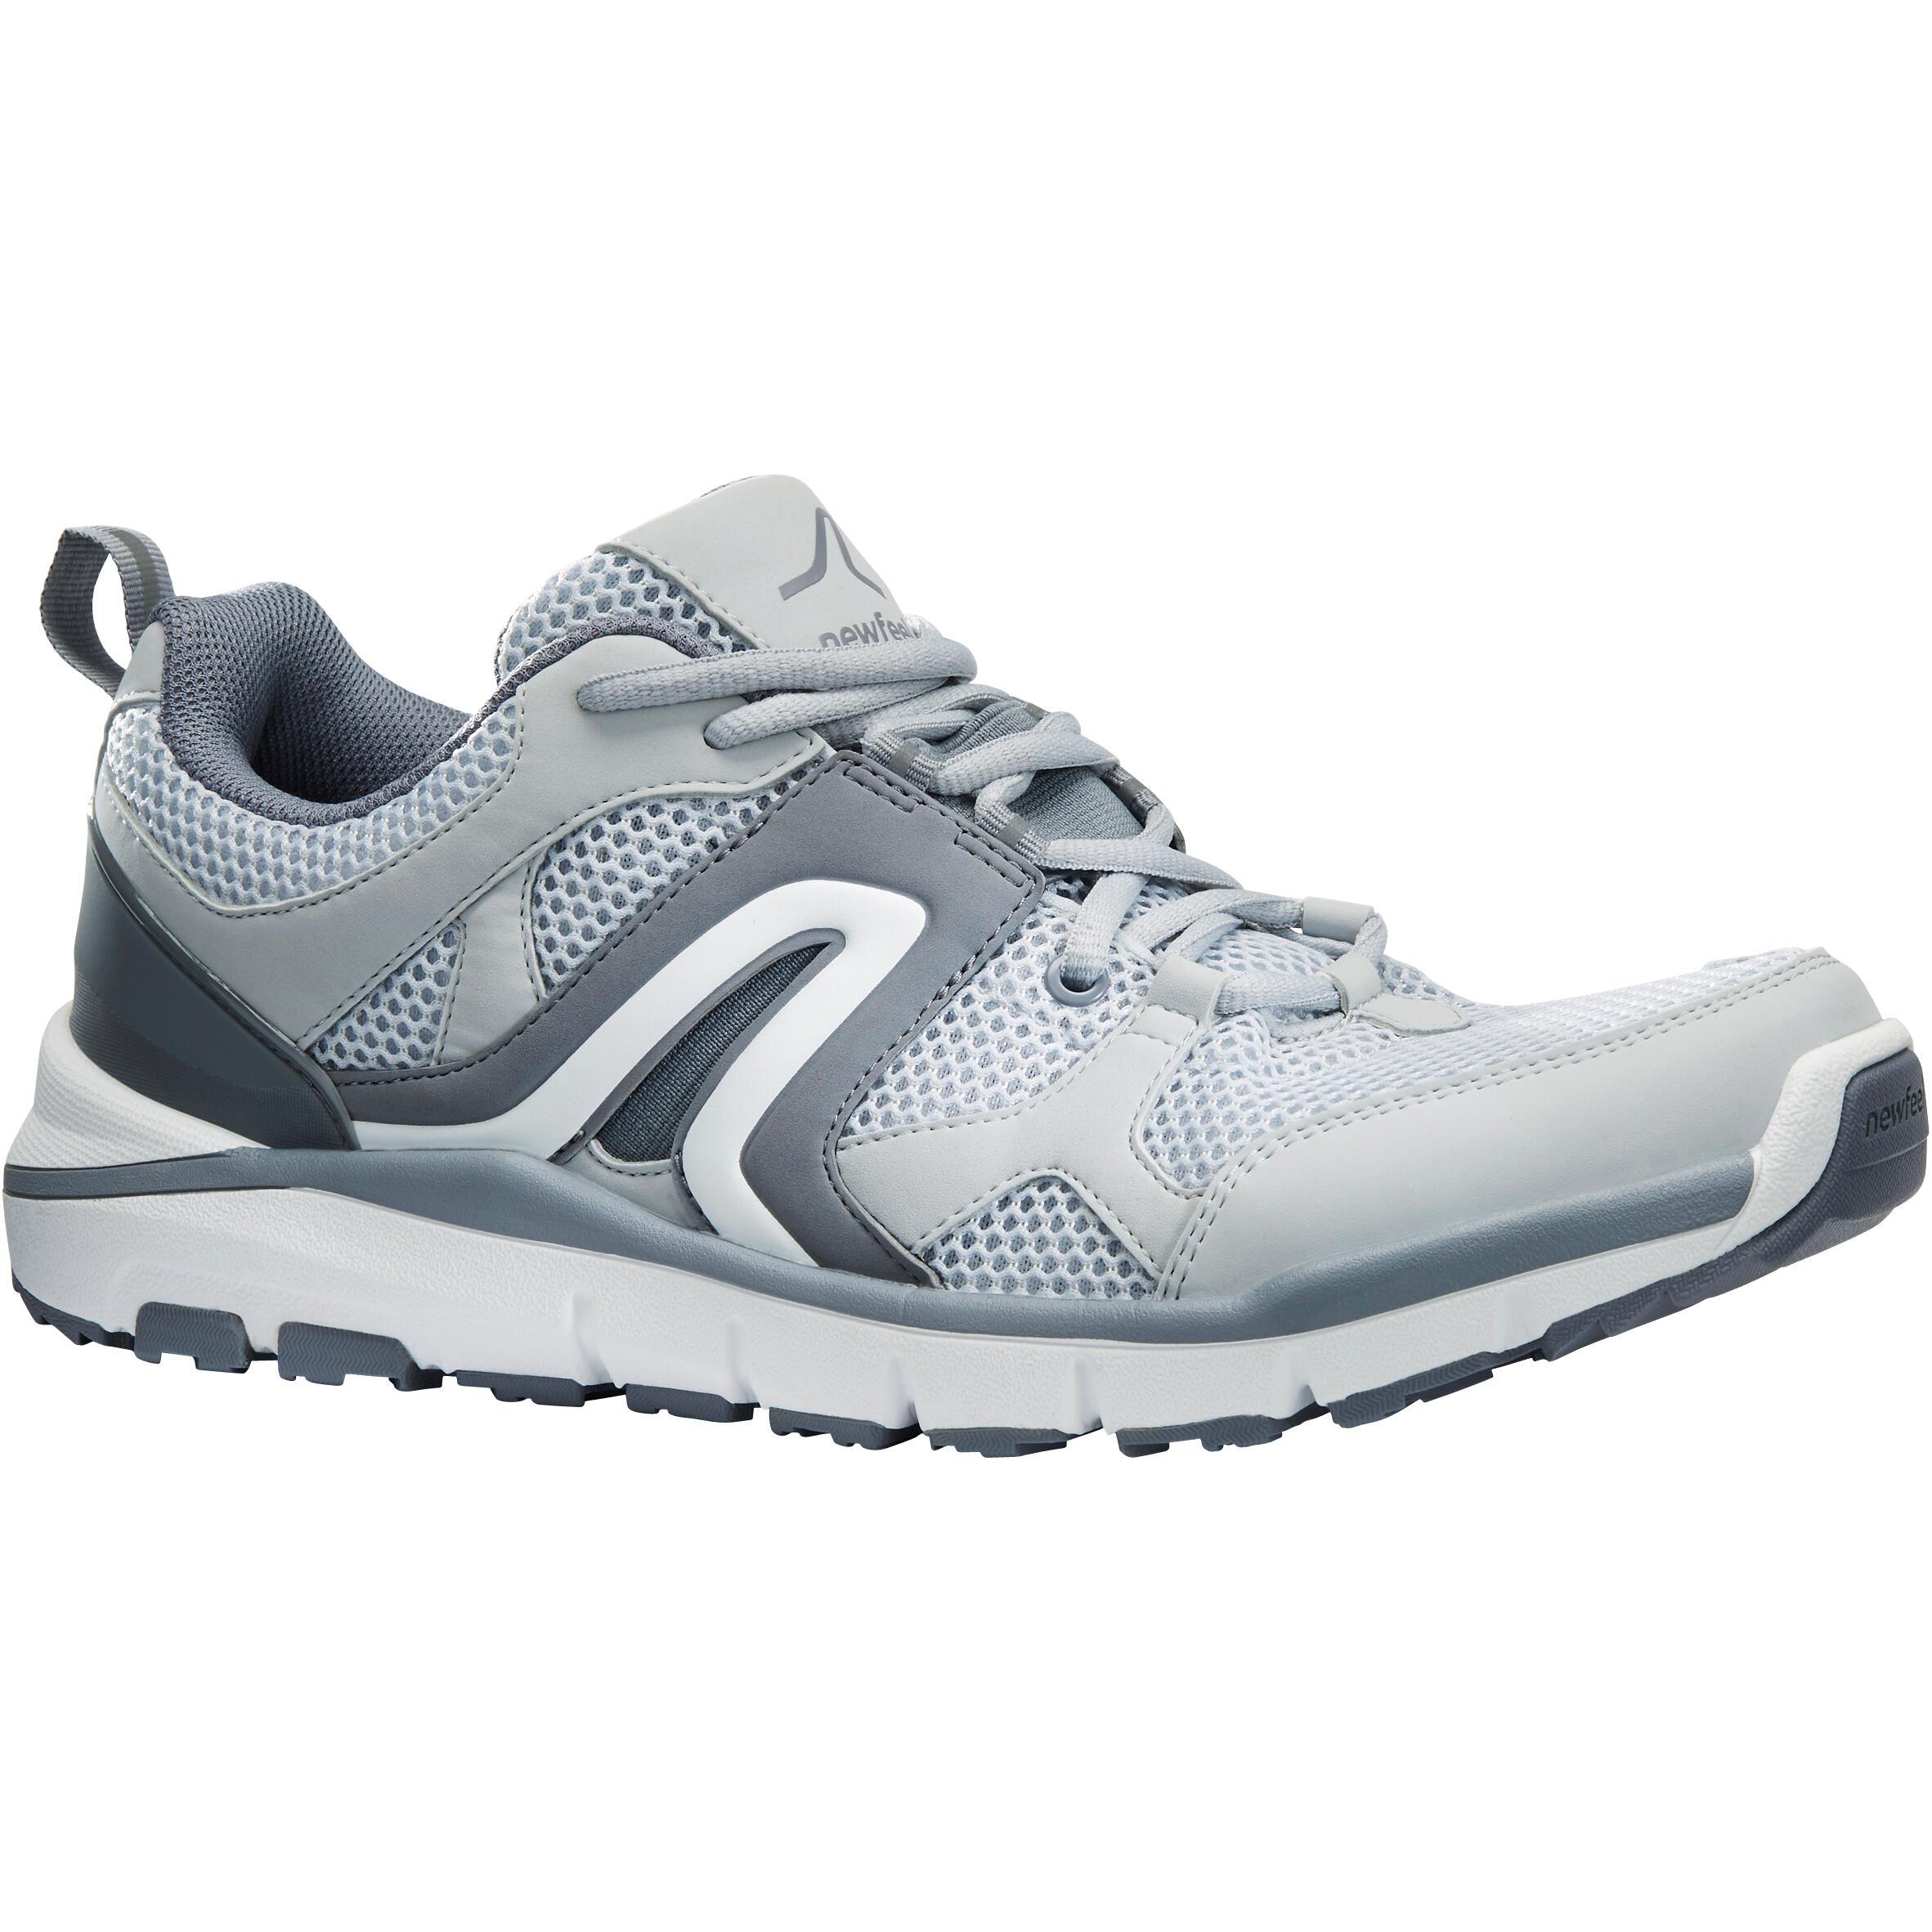 a5157adb75 Comprar Zapatillas de Caminar para Hombre Online | Decathlon